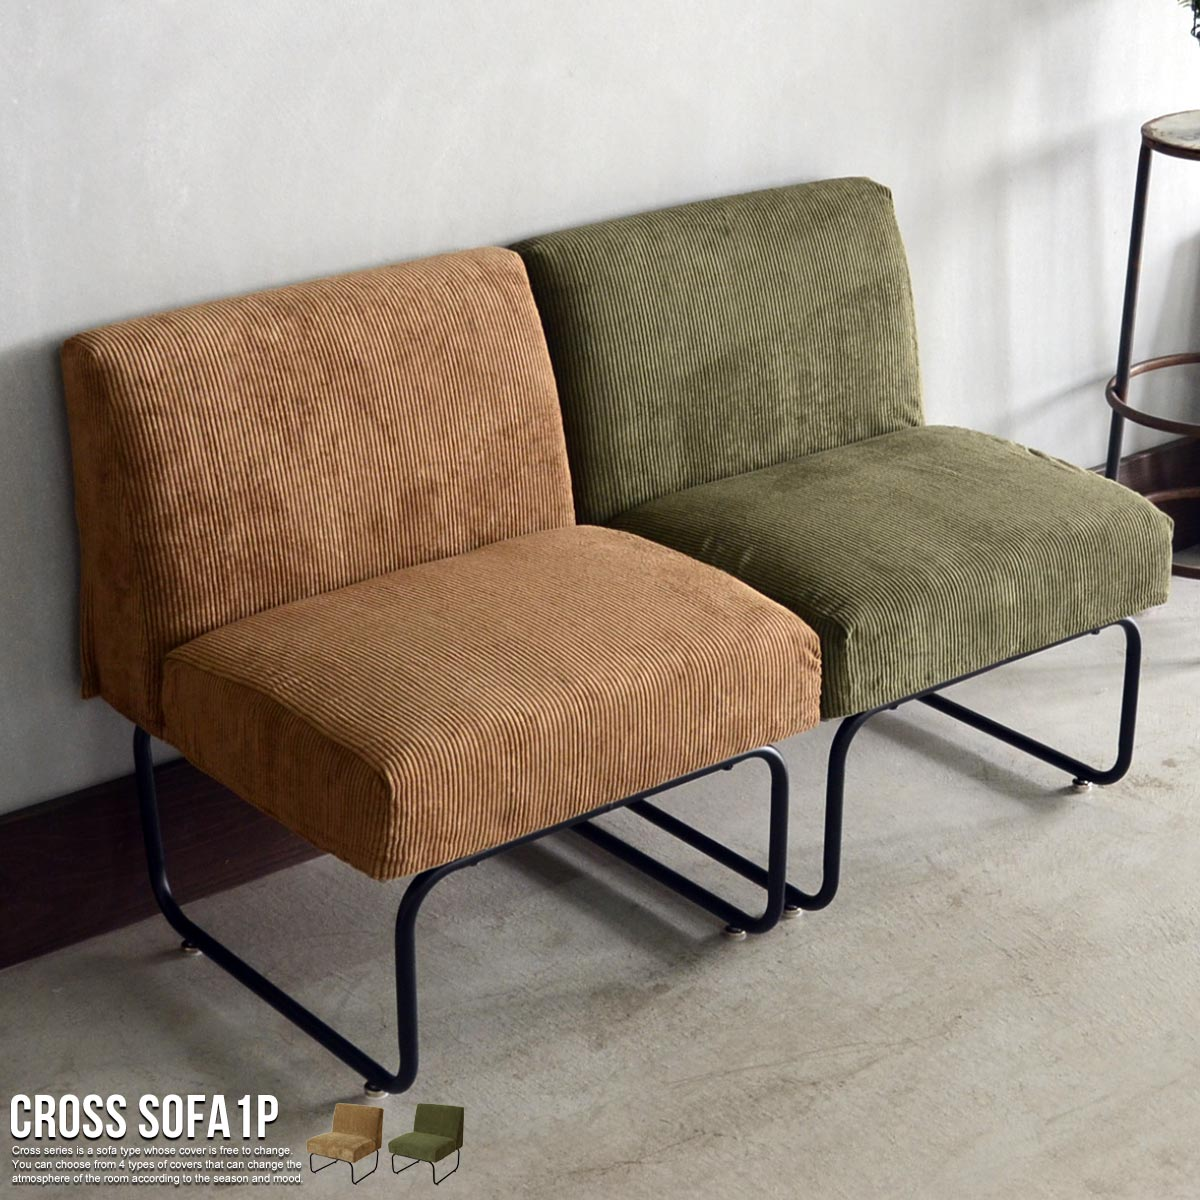 【あす楽】ソファ 1人掛け CROSS クロス 椅子 チェア カバー スチール パイプ シンプル ブルックリン ヴィンテージ スタイリッシュ